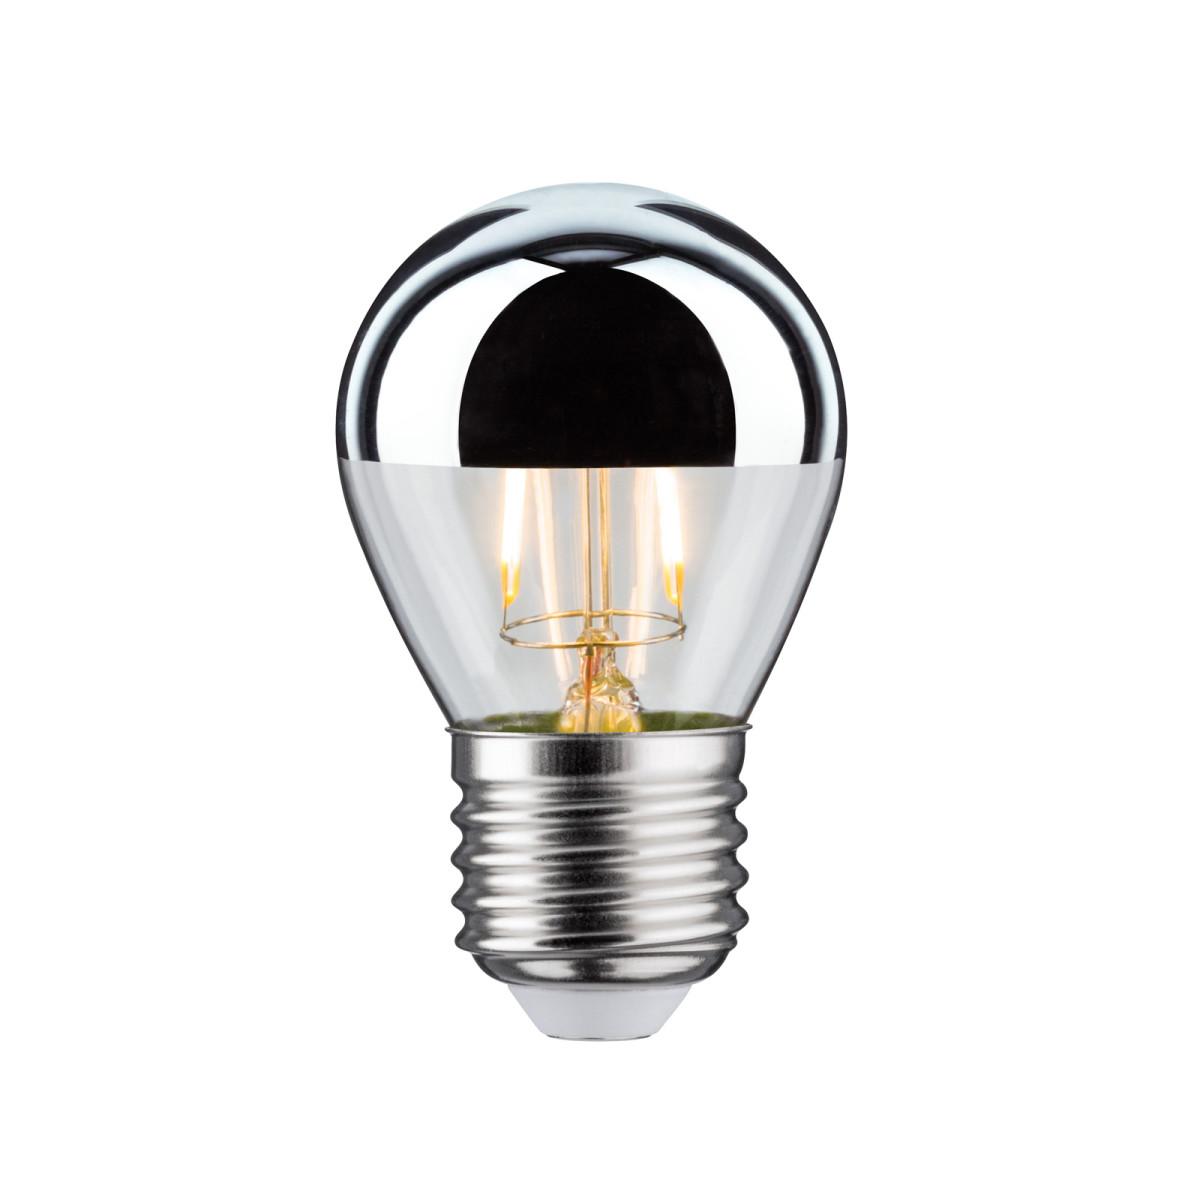 Лампа Филаментная Paulmann Капля 25Вт 220Лм 2700К E27 230В Серебро Зеркальный Верх 28384